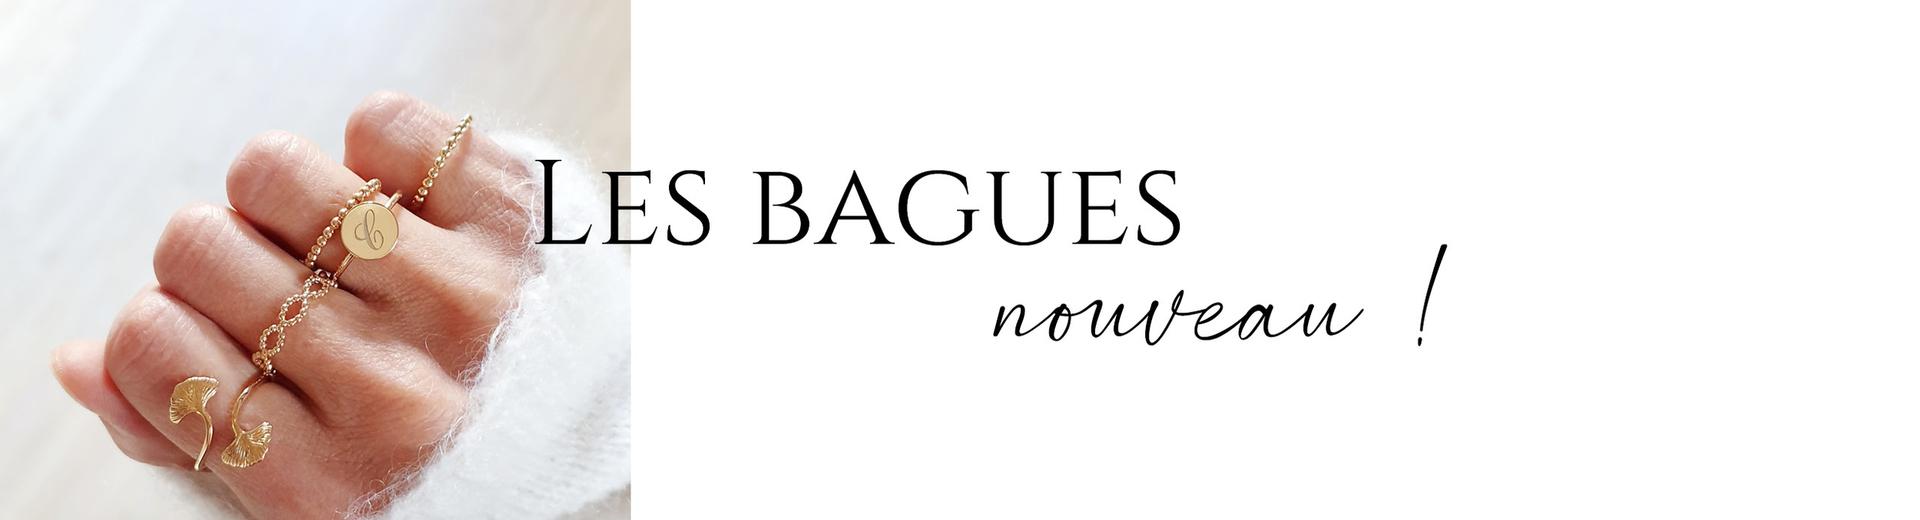 categorie bague